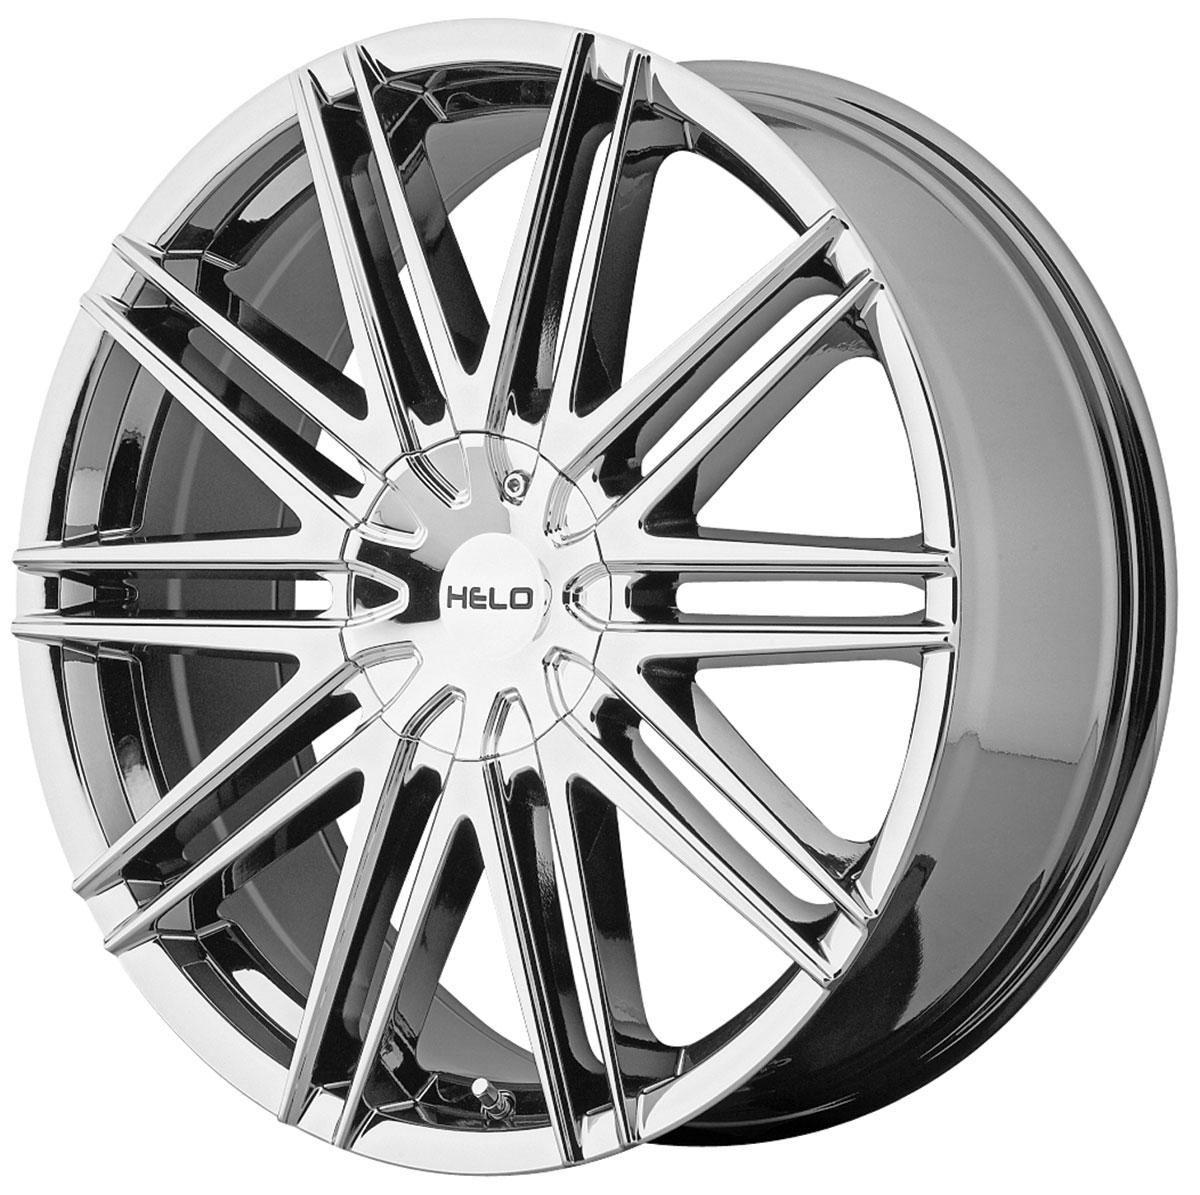 Wheel, Helo, HE880, 2003-2019 CAD, 18x8